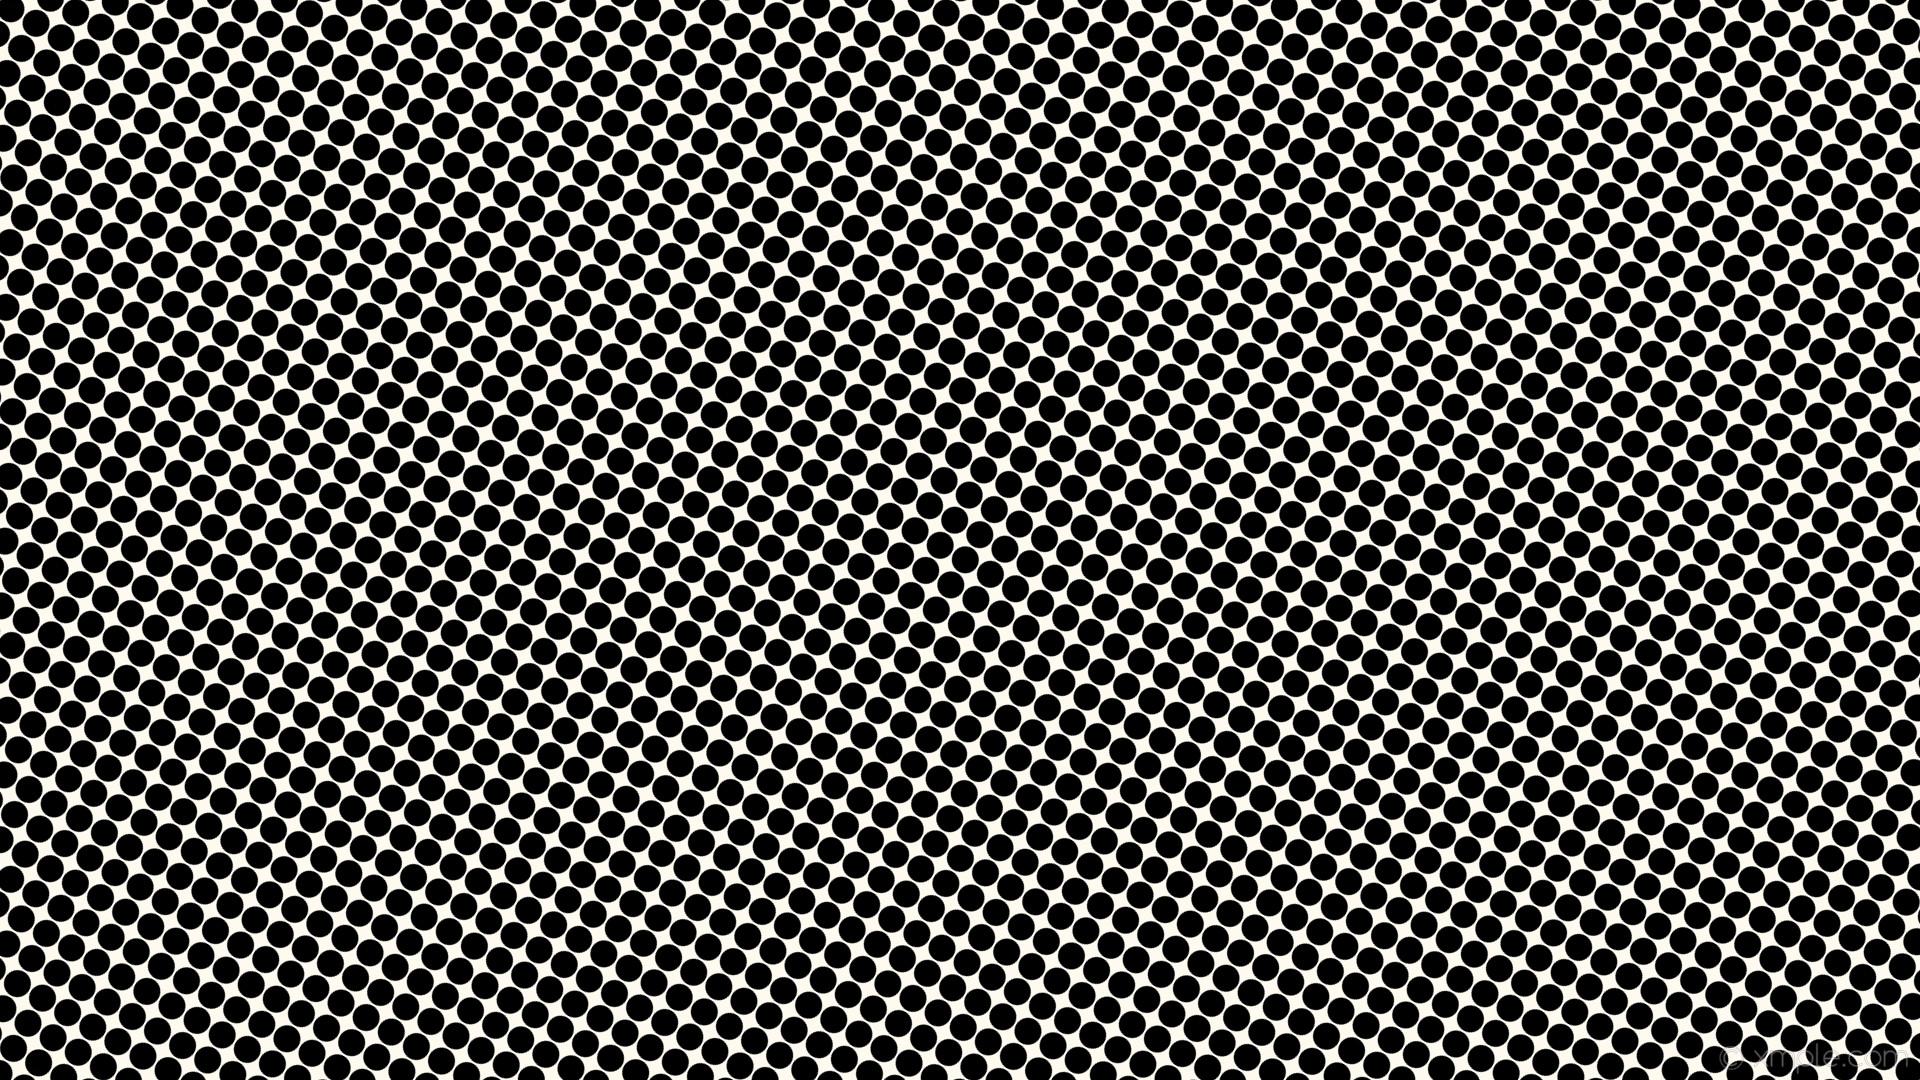 wallpaper polka dots spots black white floral white #fffaf0 #000000 240°  27px 29px